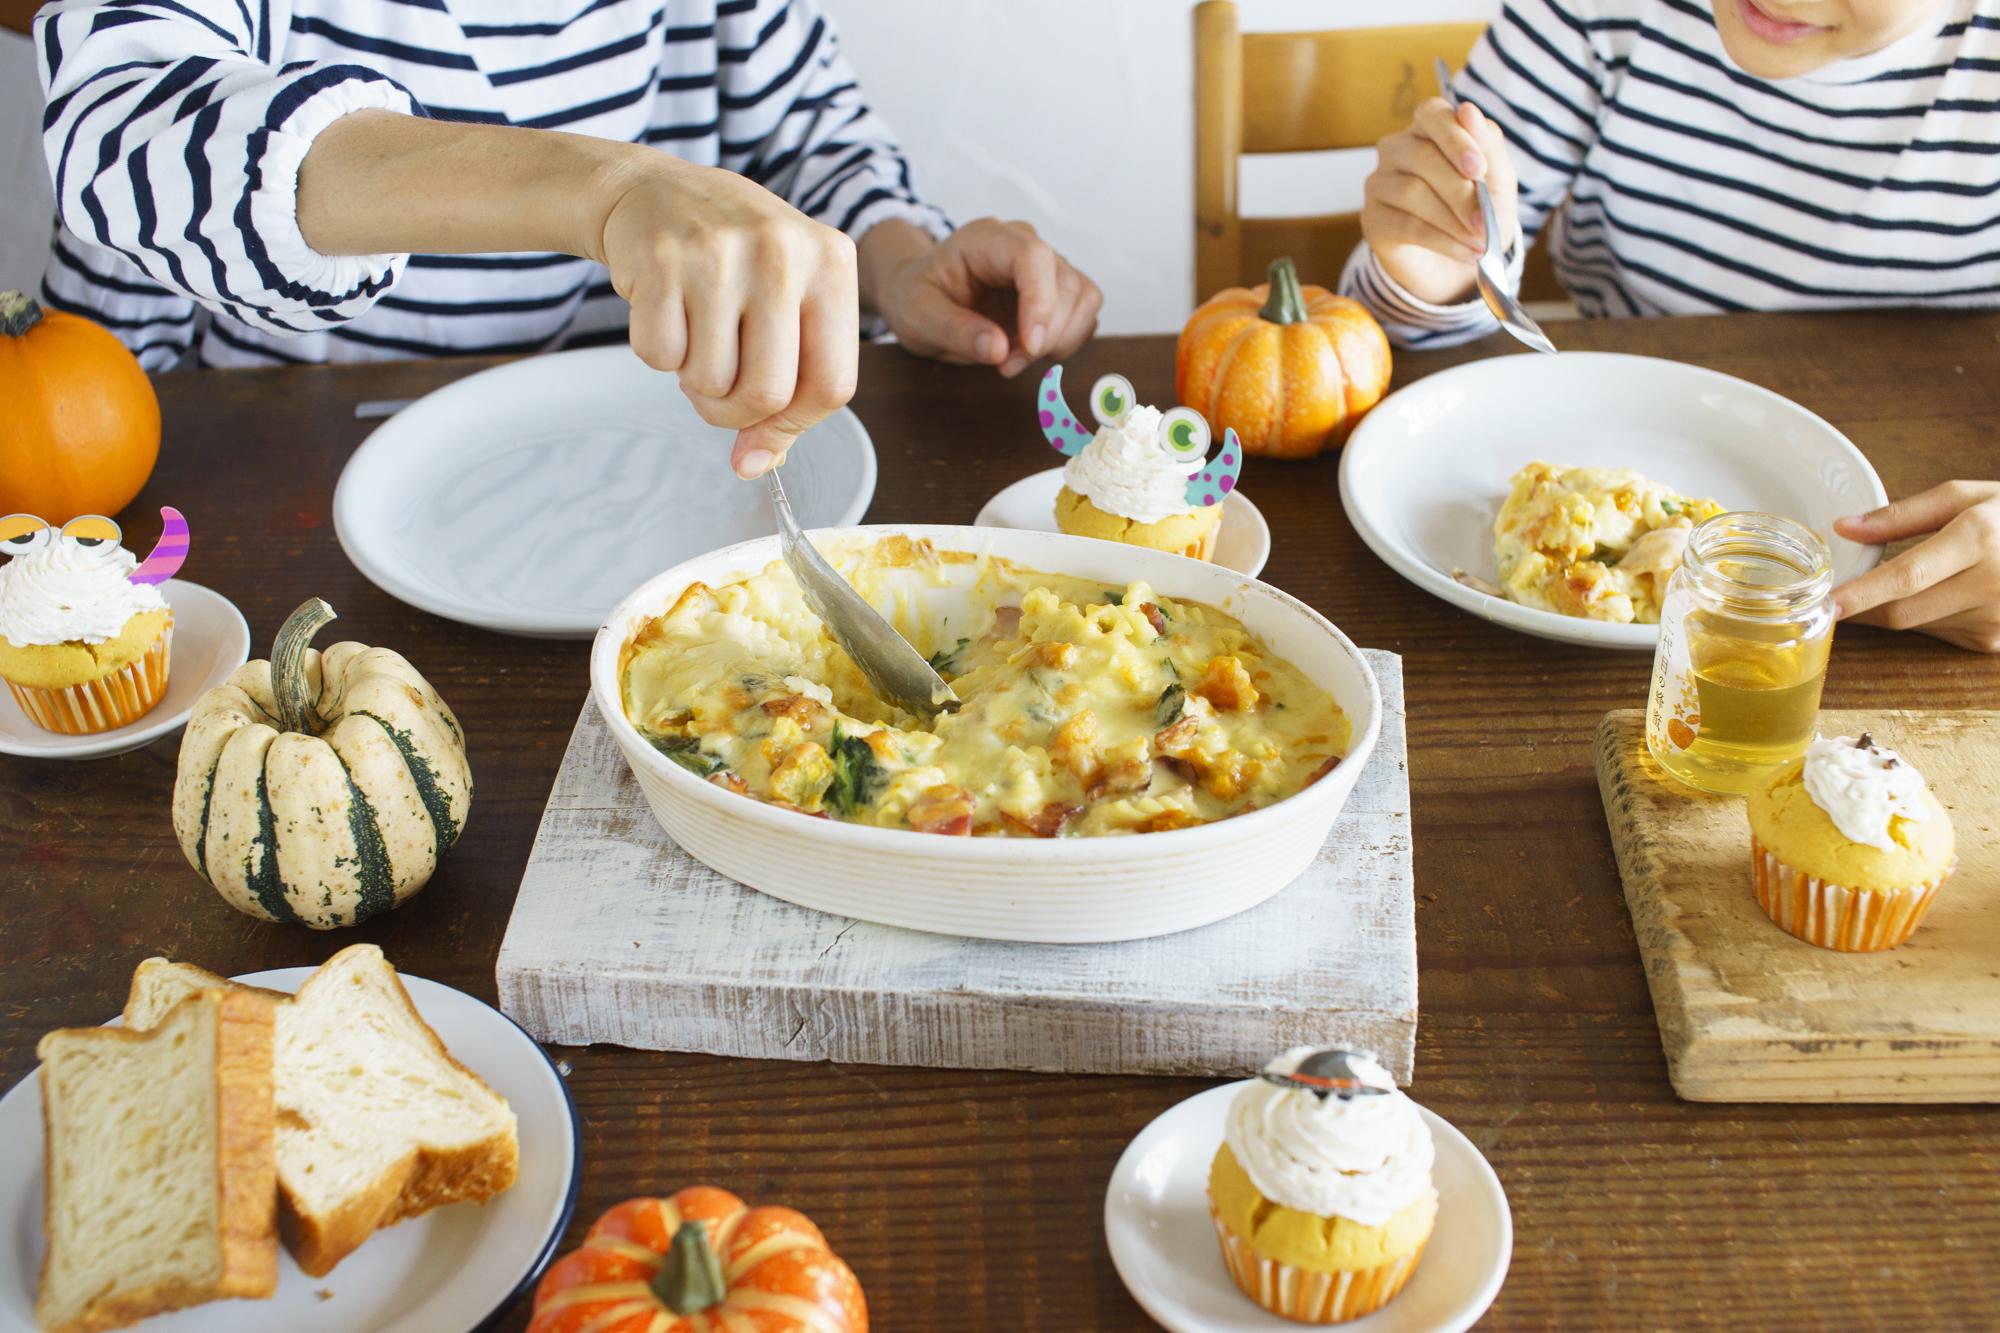 ほくほくかぼちゃと「二代目の蜂蜜」を使った簡単ハロウィンレシピ